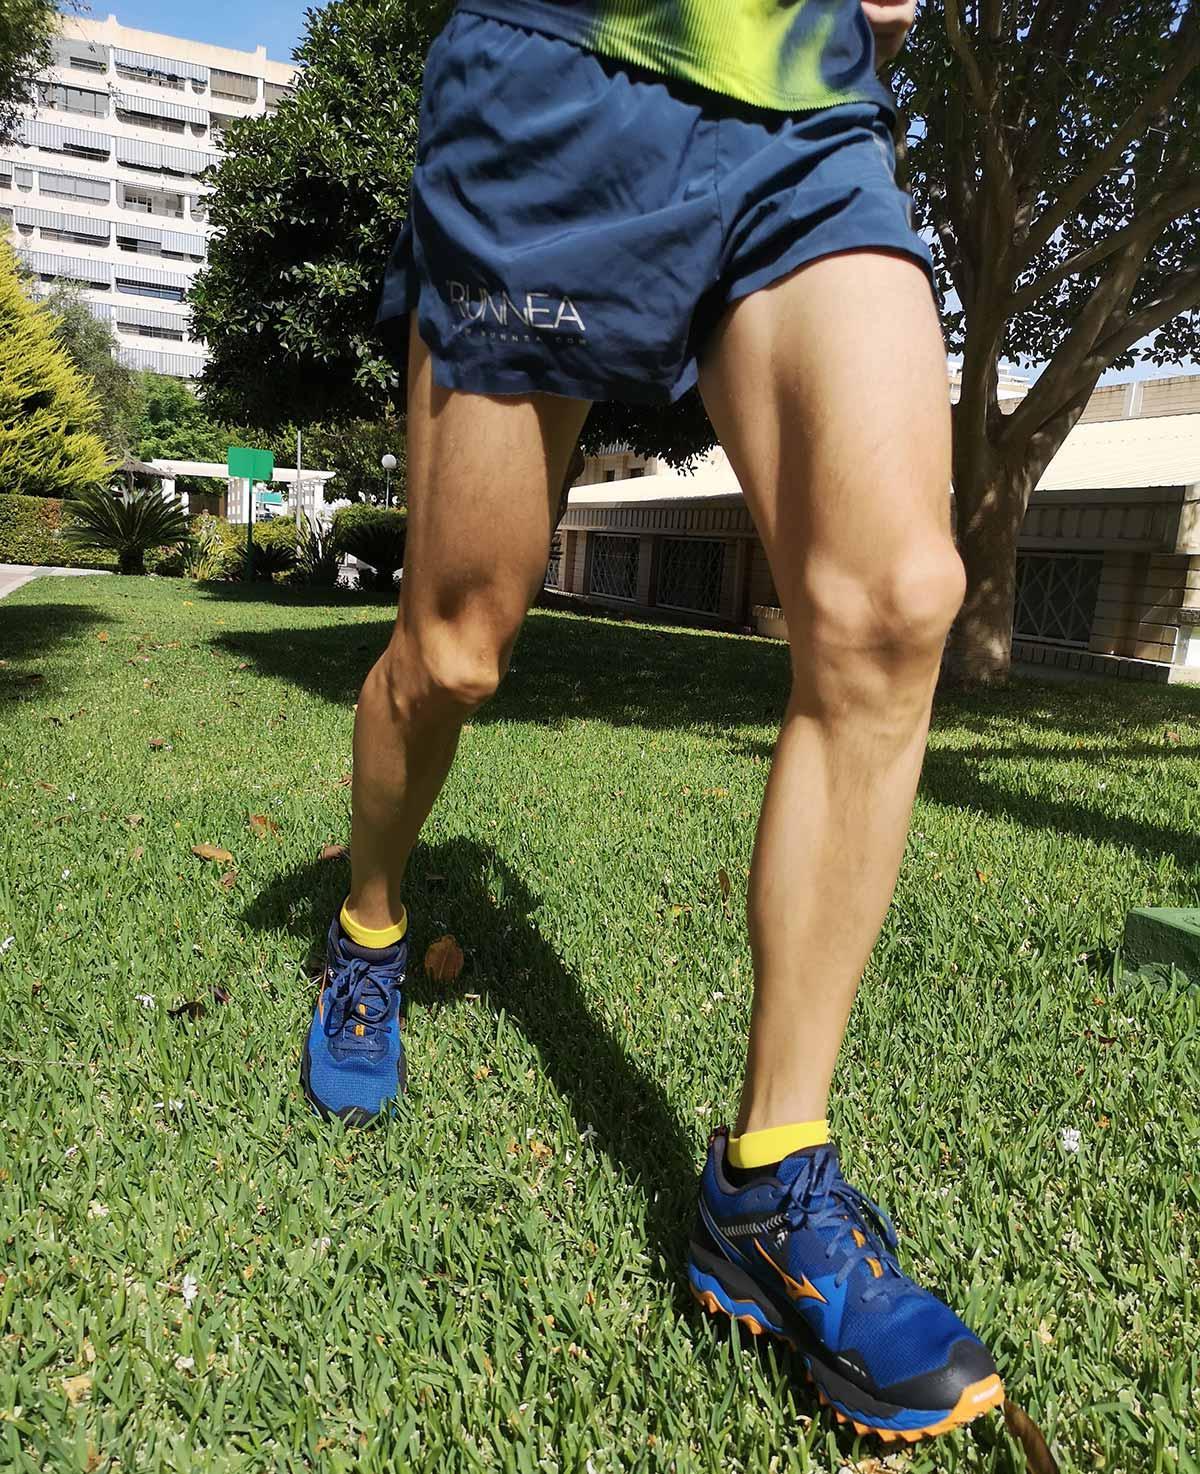 Sobresaliente amortiguación en las zapatillas trail running Mizuno Wave Mujin 7